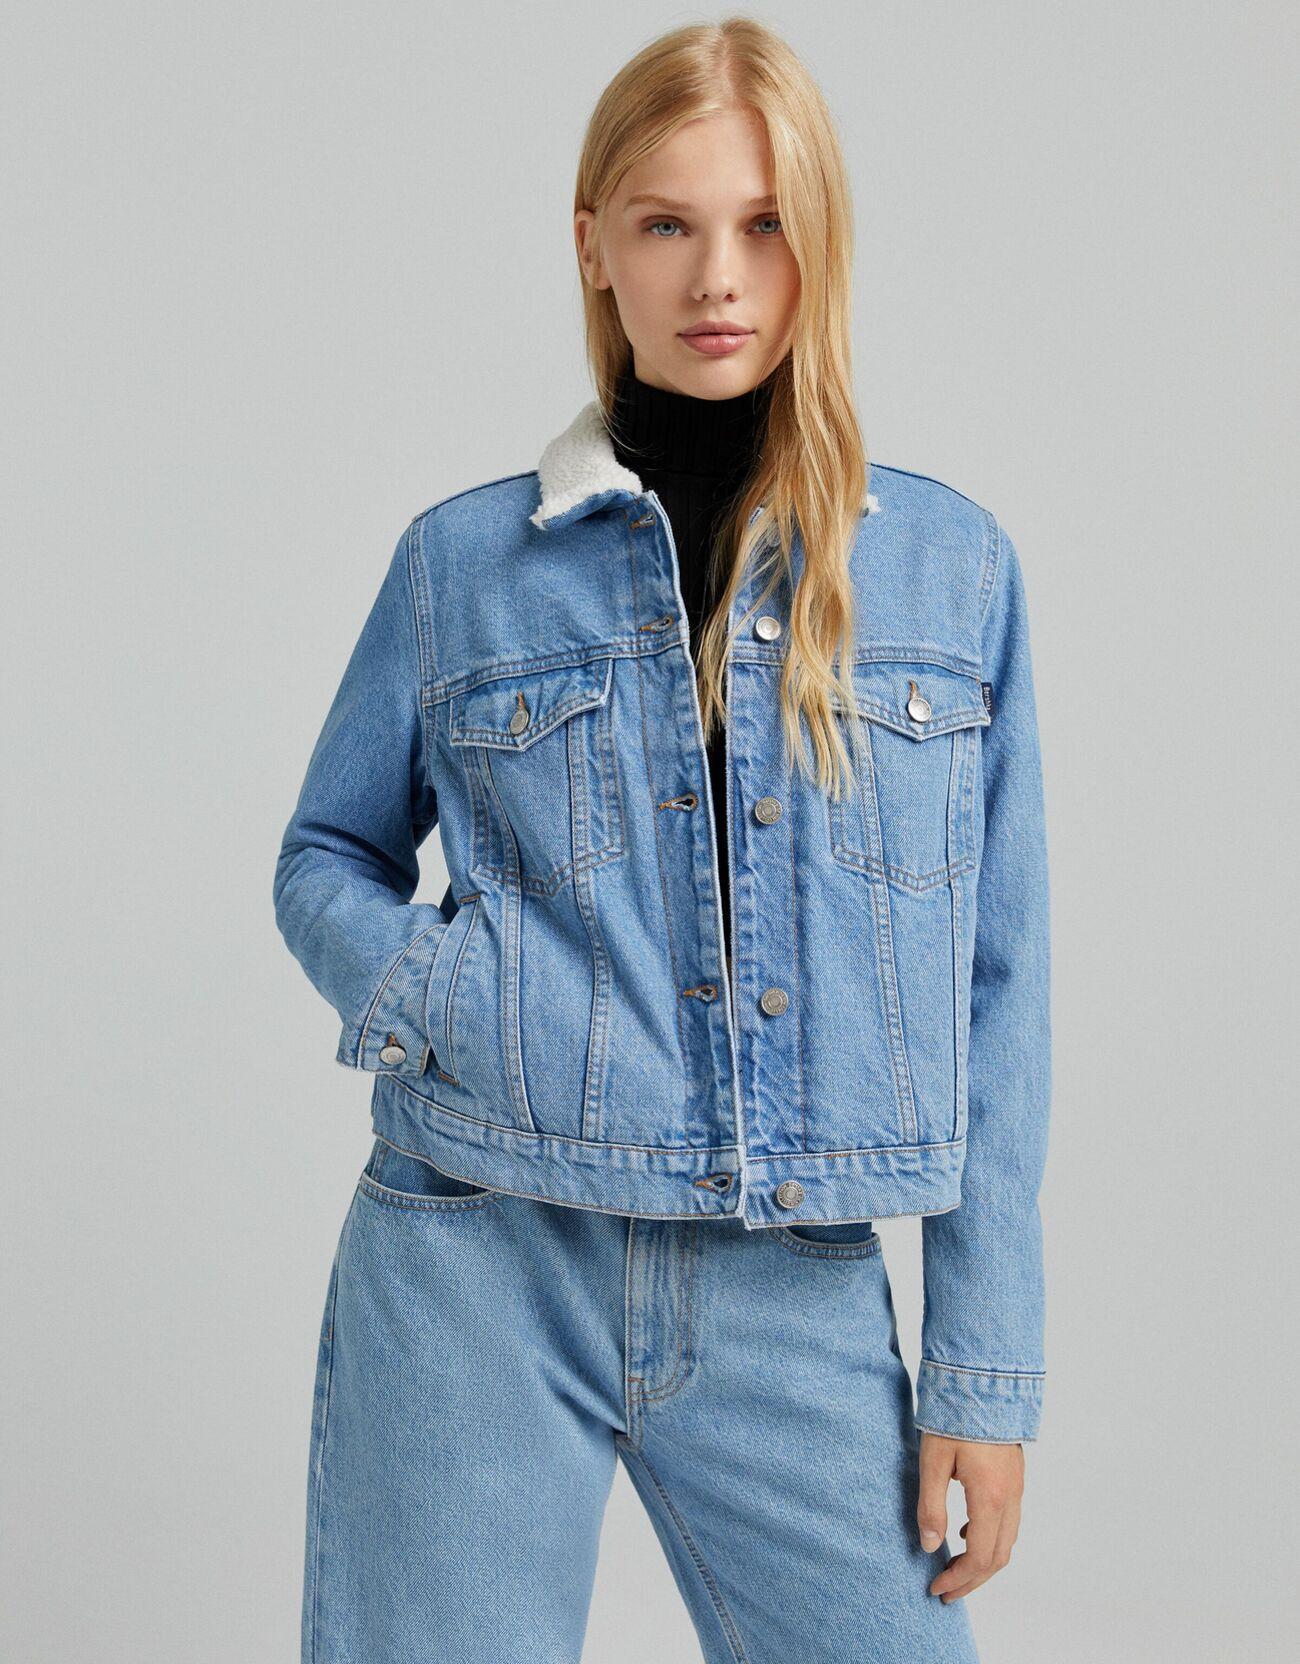 Укороченная джинсовая куртка с подкладкой из искусственной овчины Синий застиранный Bershka